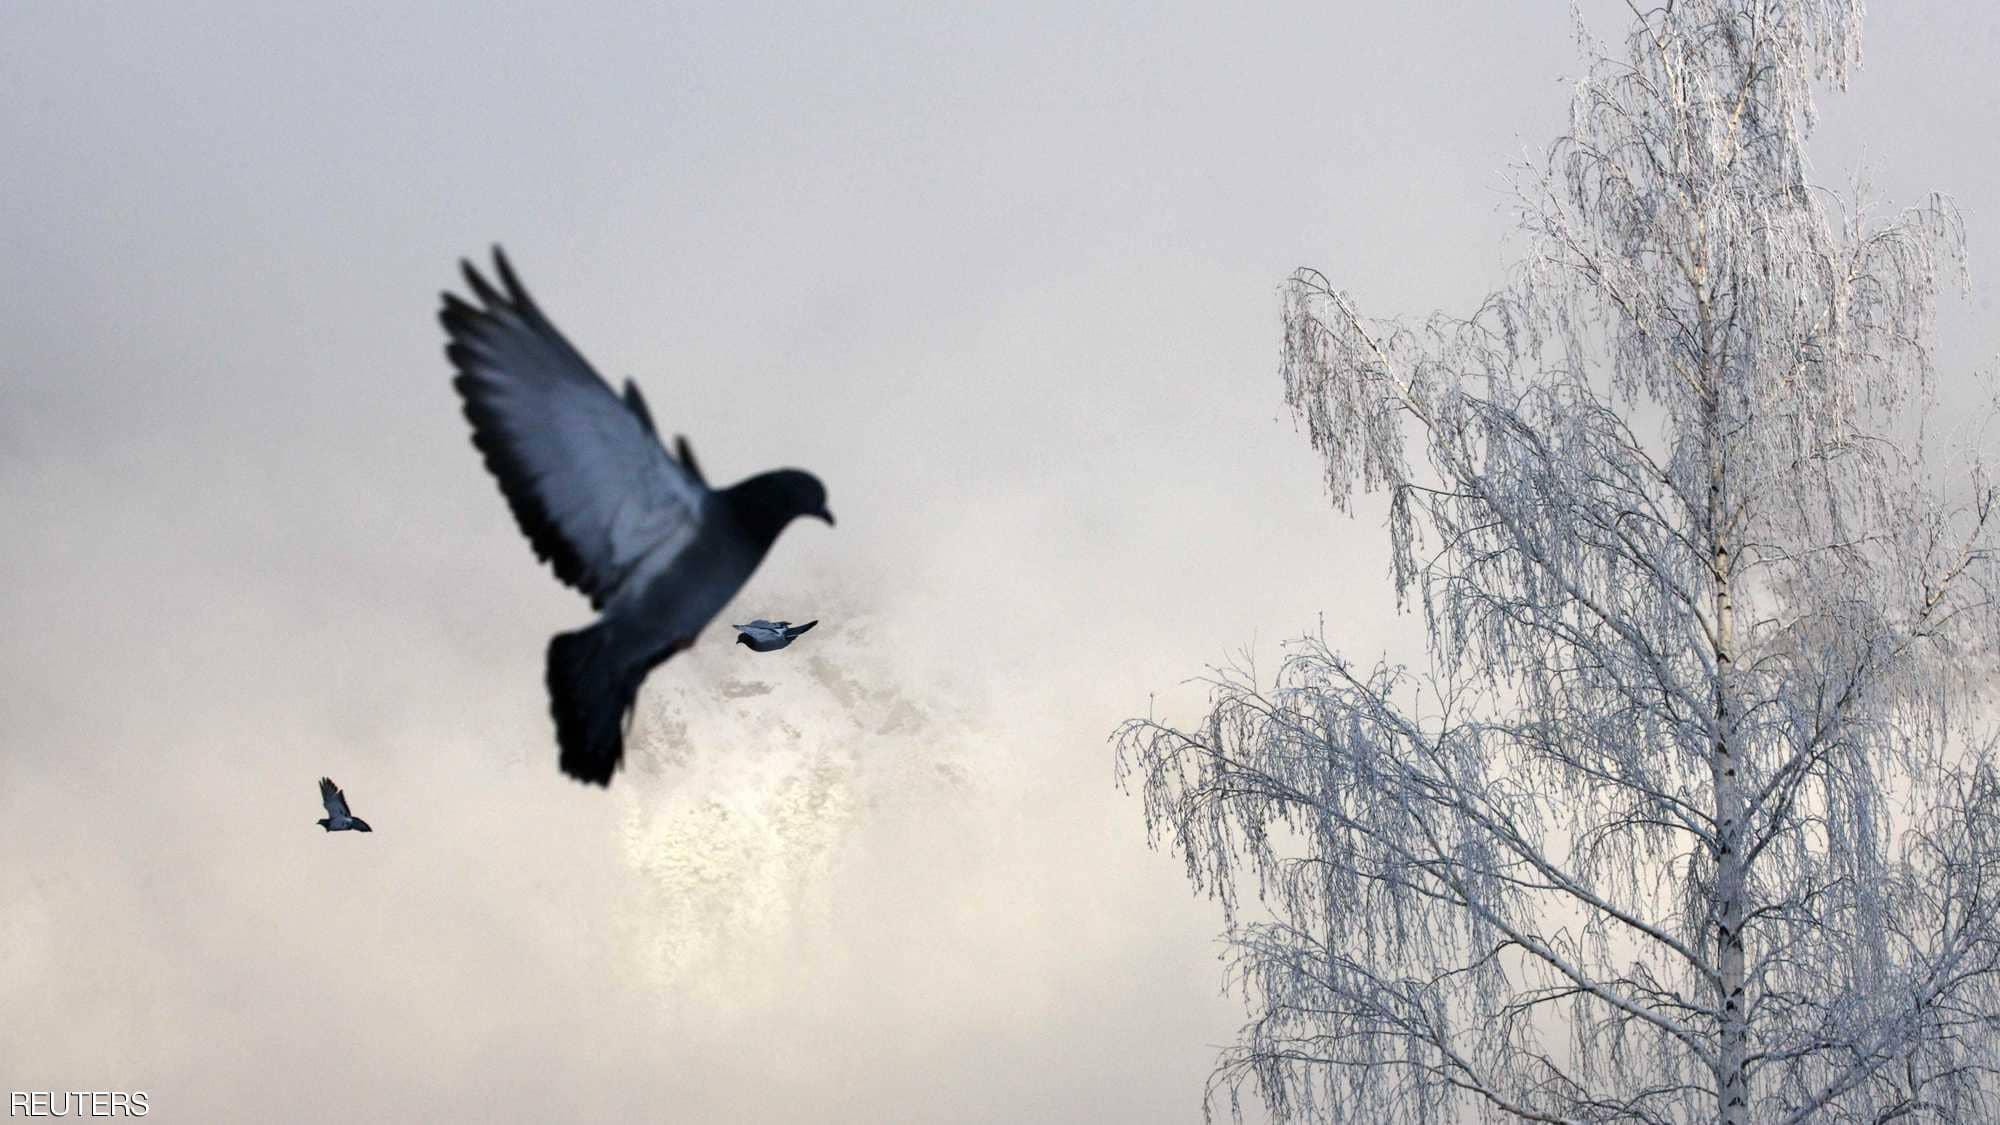 طائر يحلق فوق الأشجار المتجمدة